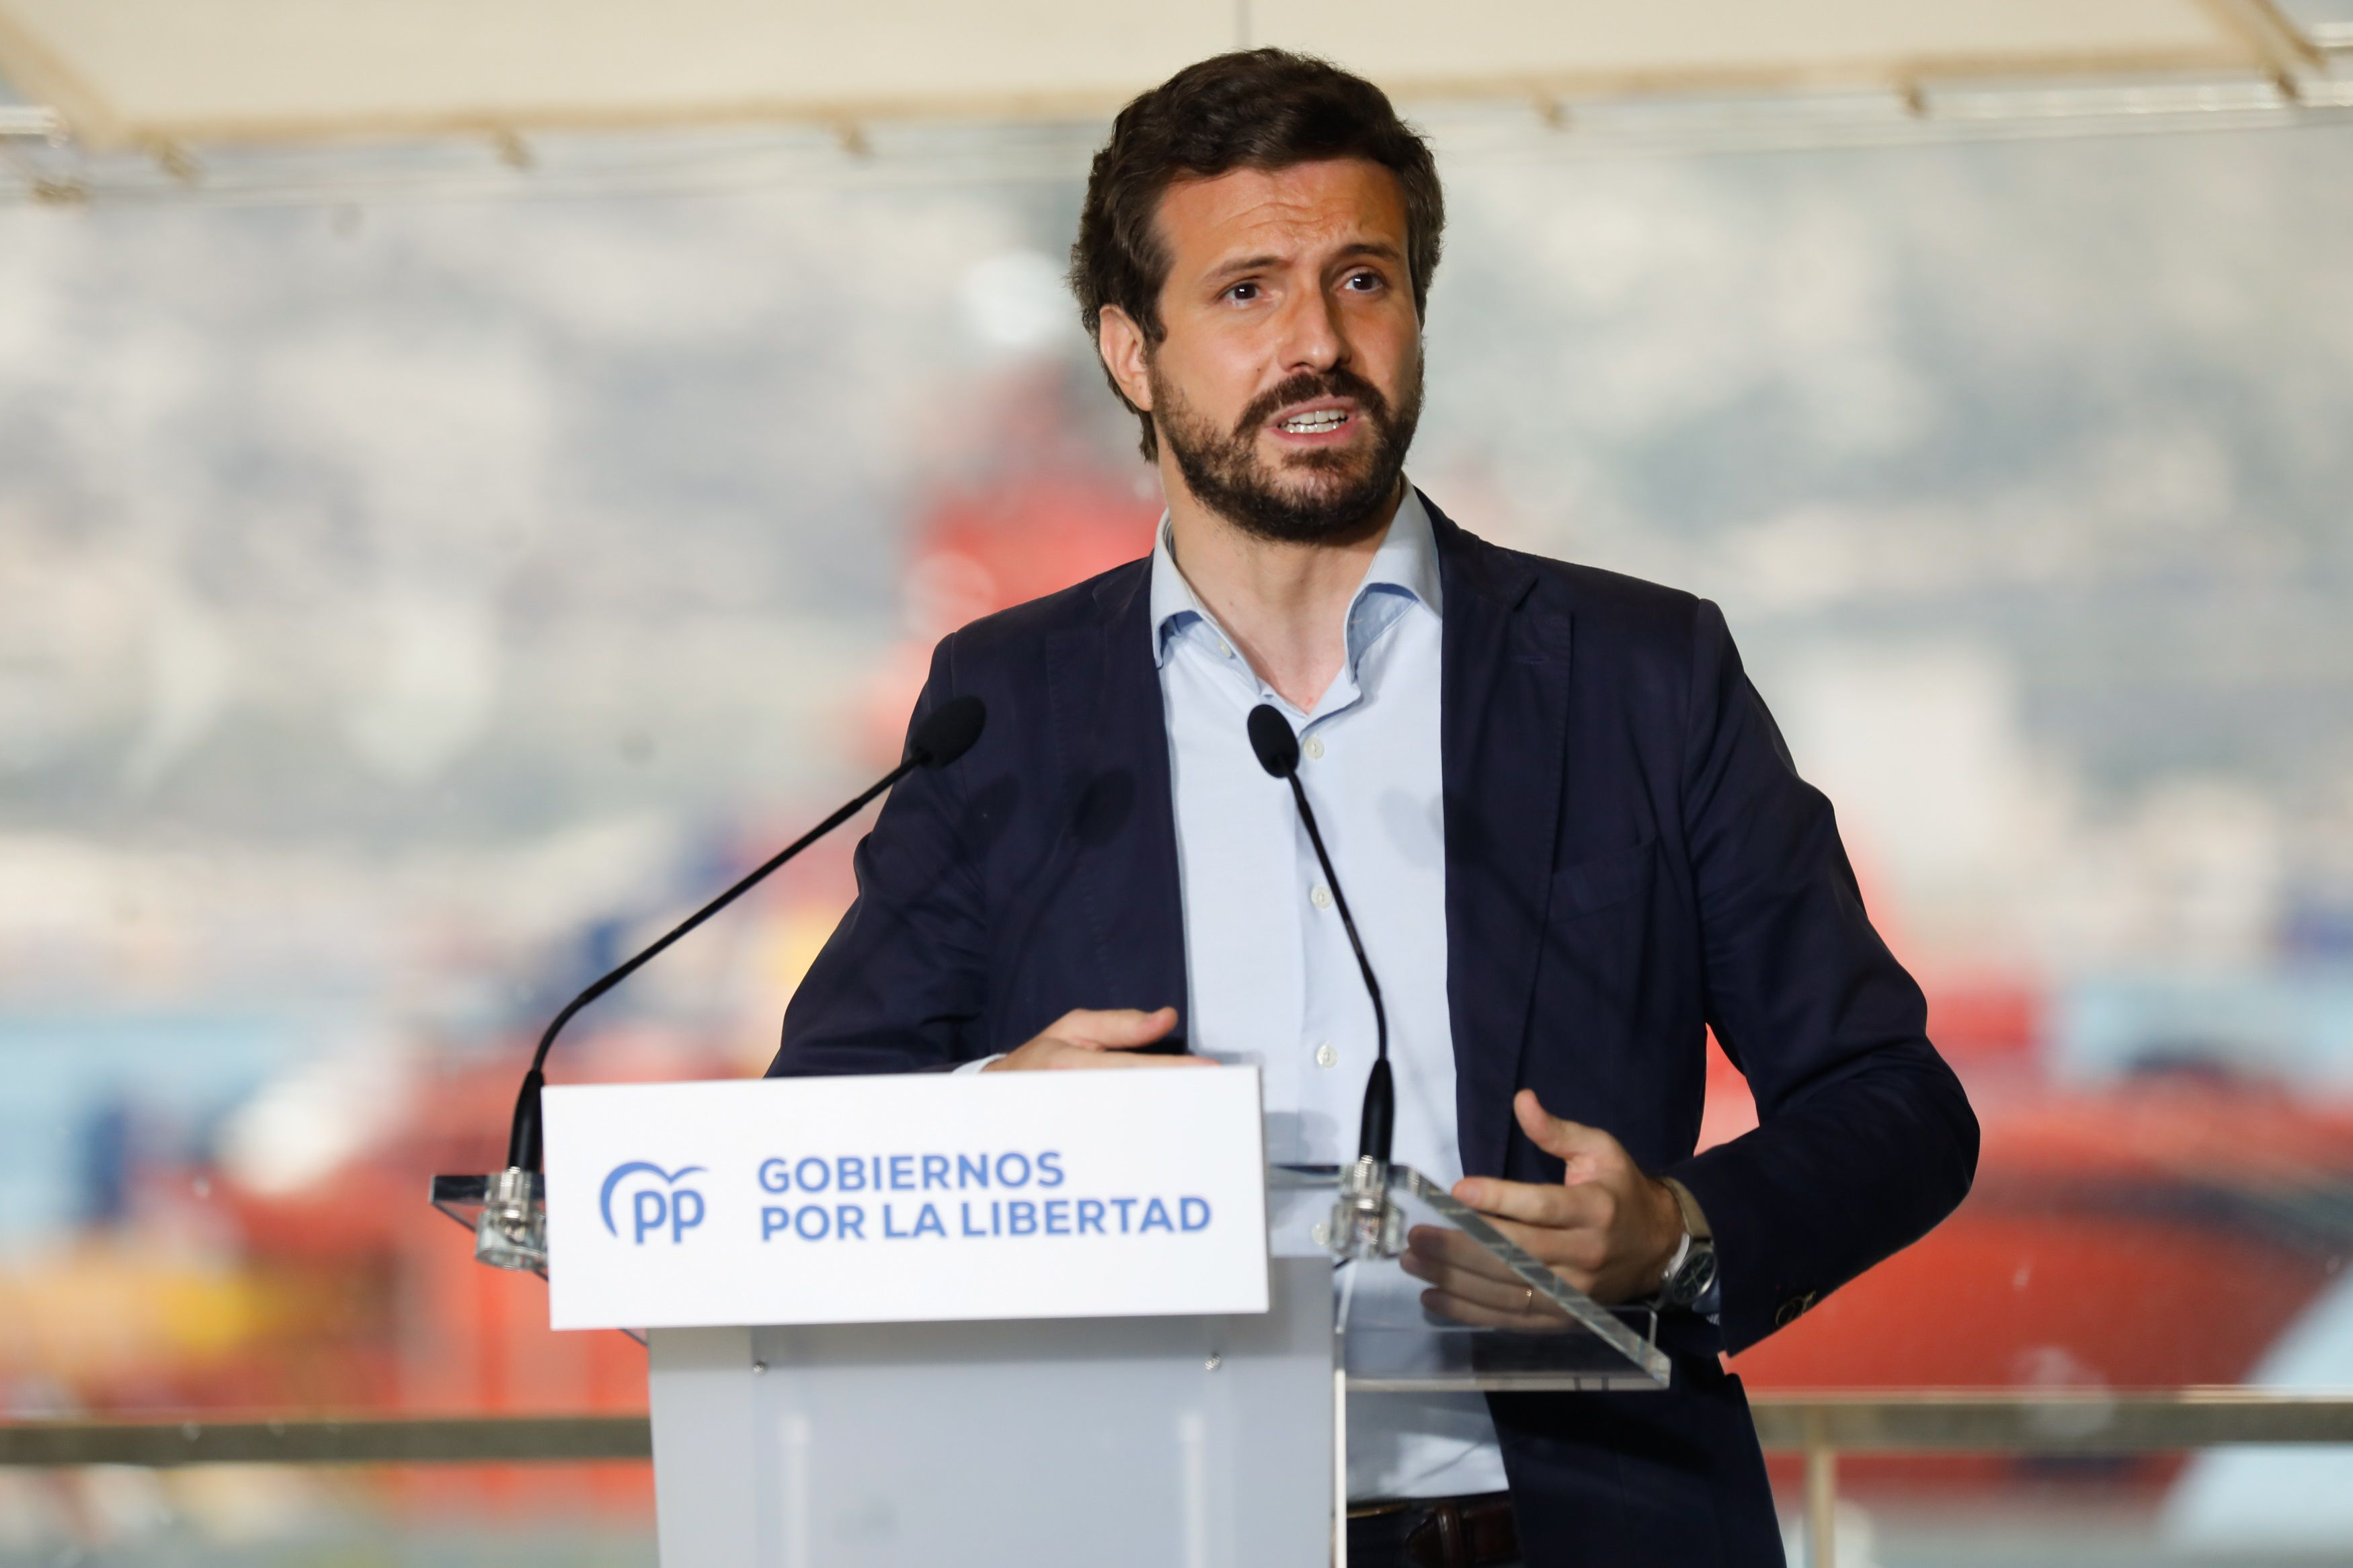 12-06-2021 El presidente del PP, Pablo Casado, en la clausura del acto '2 años de Gobiernos por la Libertad' ESPAÑA EUROPA MURCIA POLÍTICA EDU BOTELLA